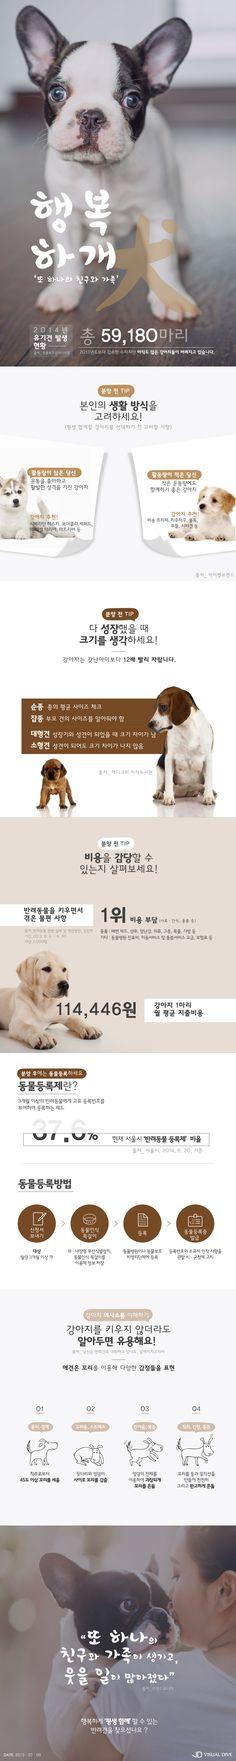 평생 함께할 반려견 찾으셨나요? [인포그래픽] #pet_dog / #Infographic ⓒ 비주얼다이브 무단 복사·전재·재배포 금지